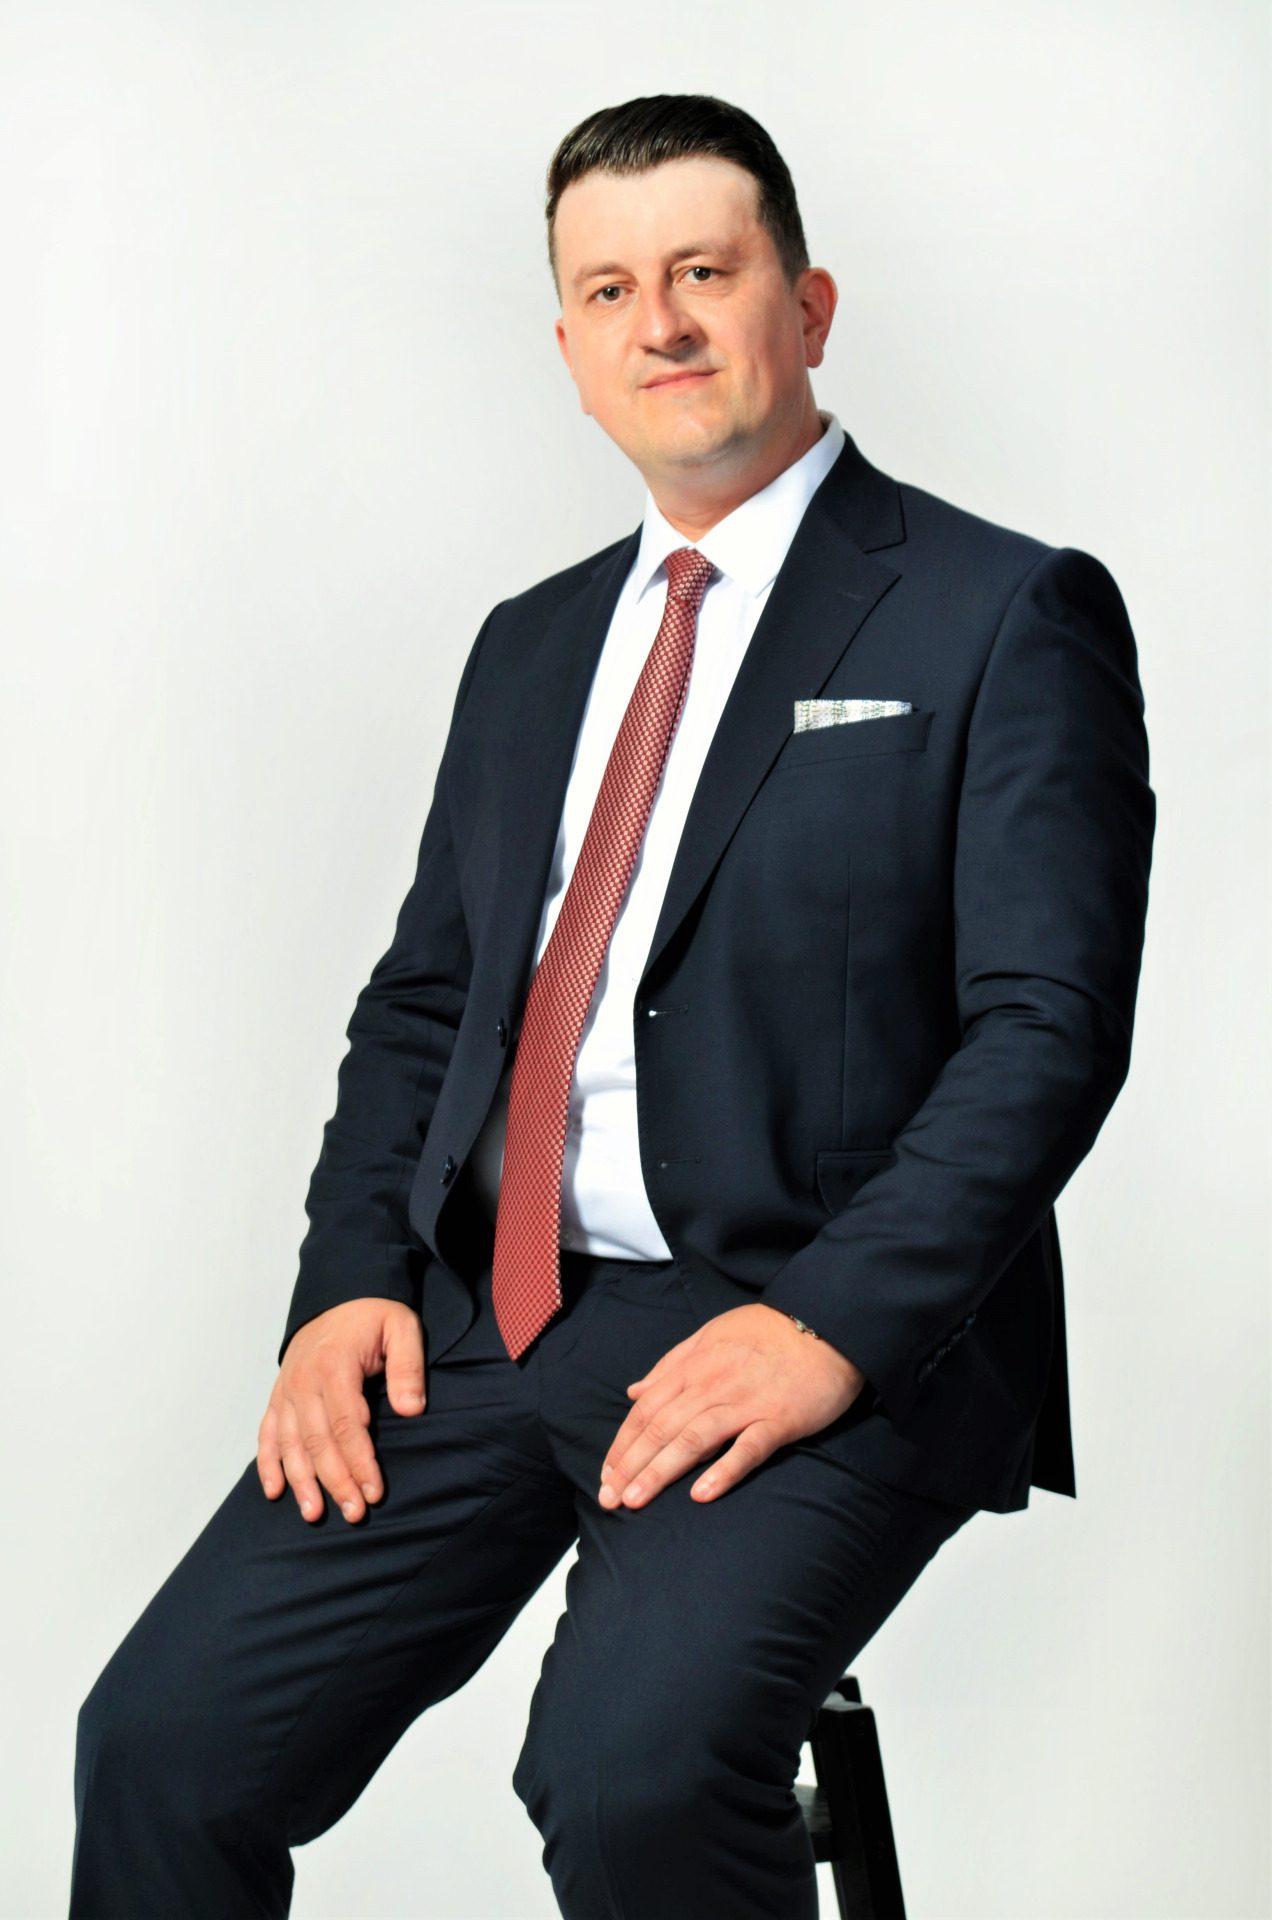 Беркан Имери именуван за нов претседател на Надзорниот одбор на Халк Осигурување АД Скопје